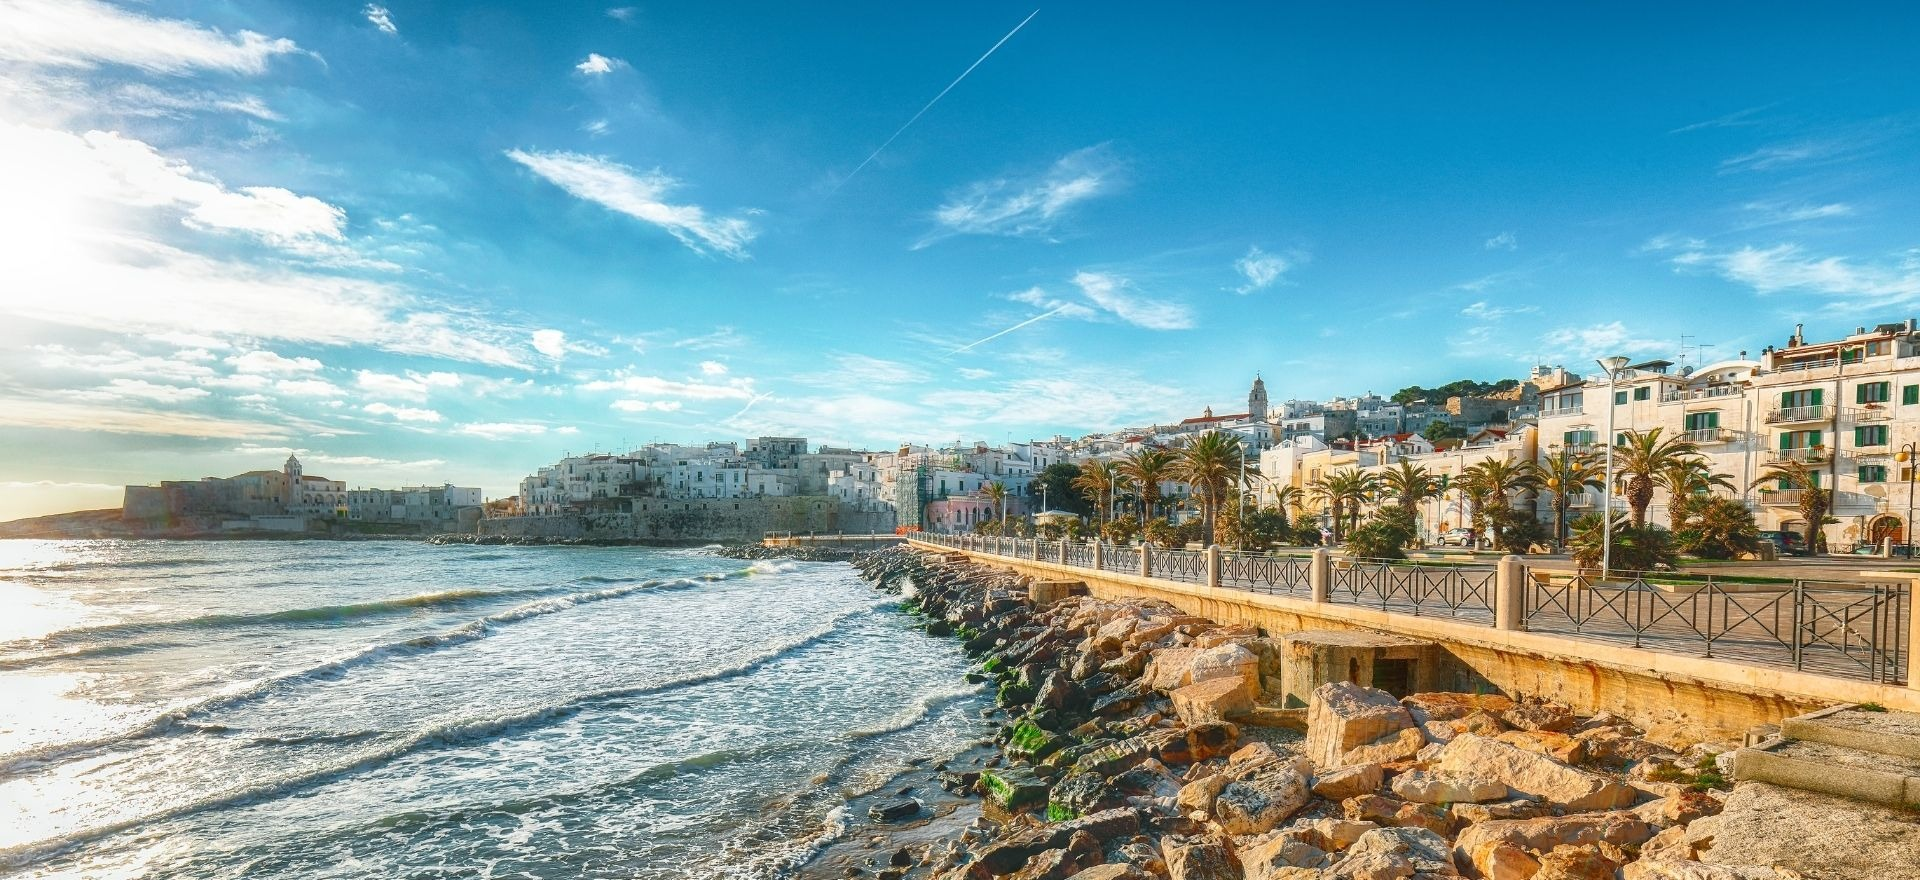 Море с вкусове и гледки. Сгради с исторически лица. Това е Пулия!